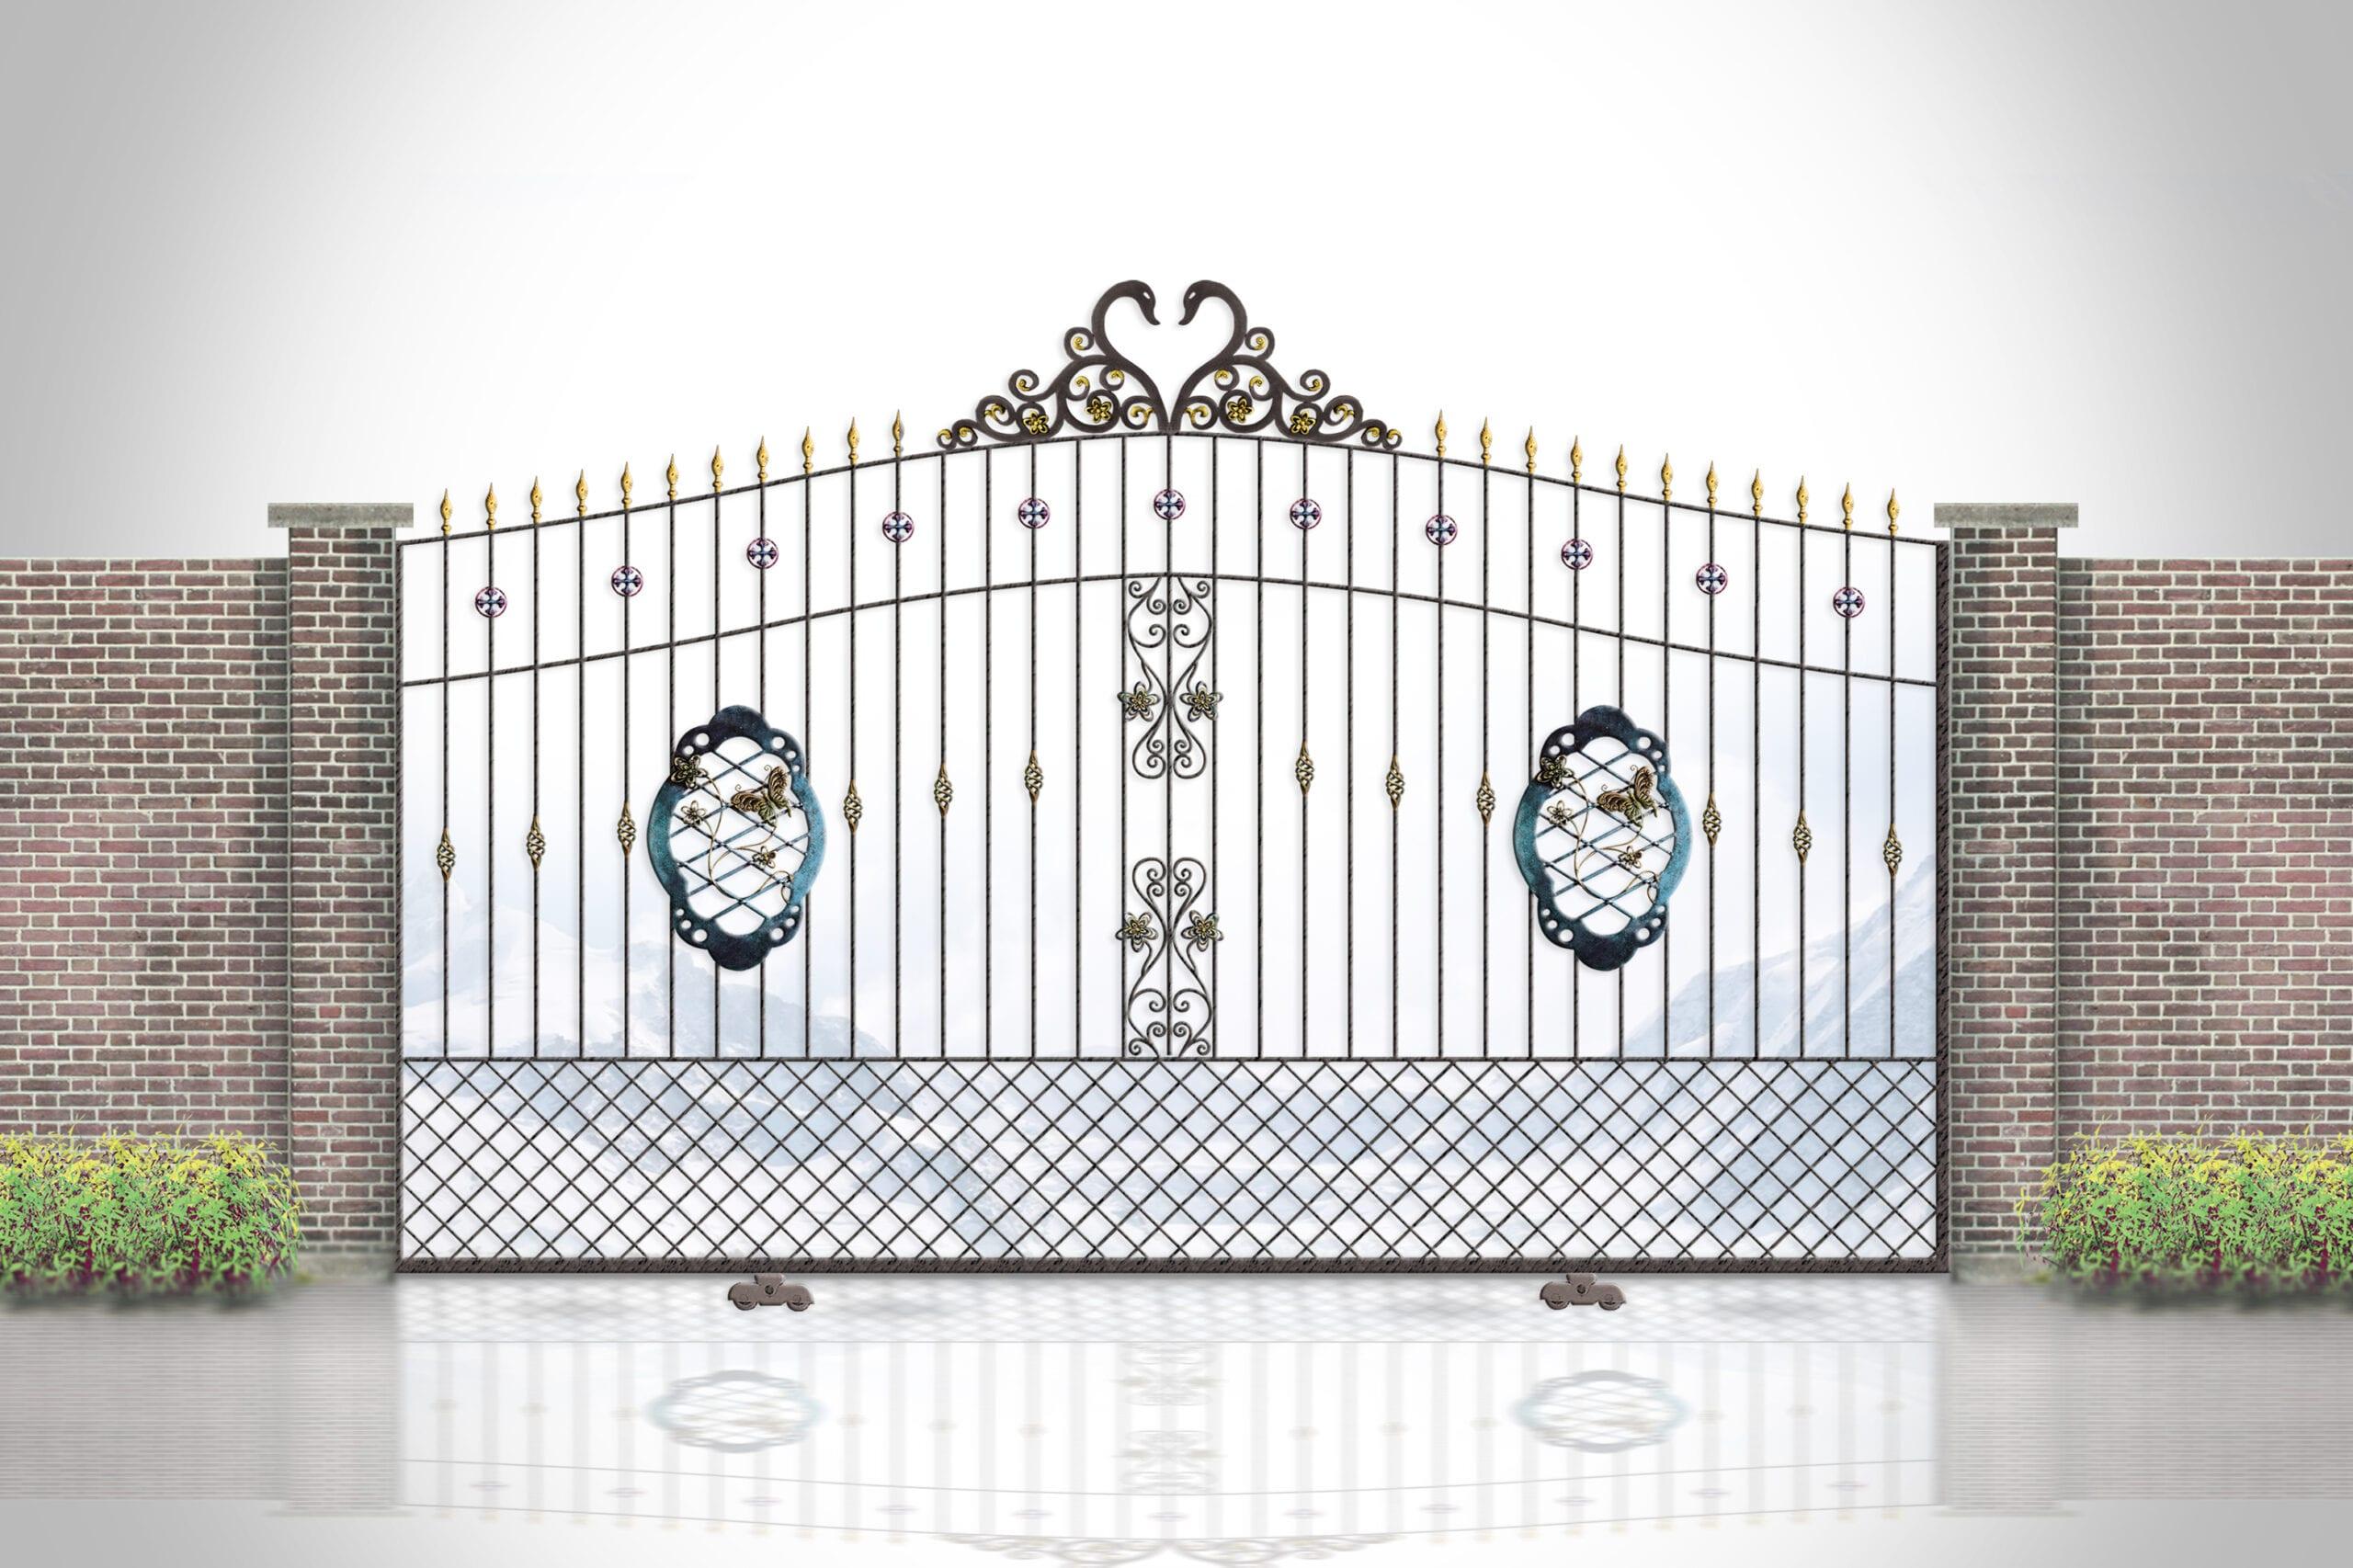 ประตูรั้วเหล็กดัด มีลักษณะอย่างไร